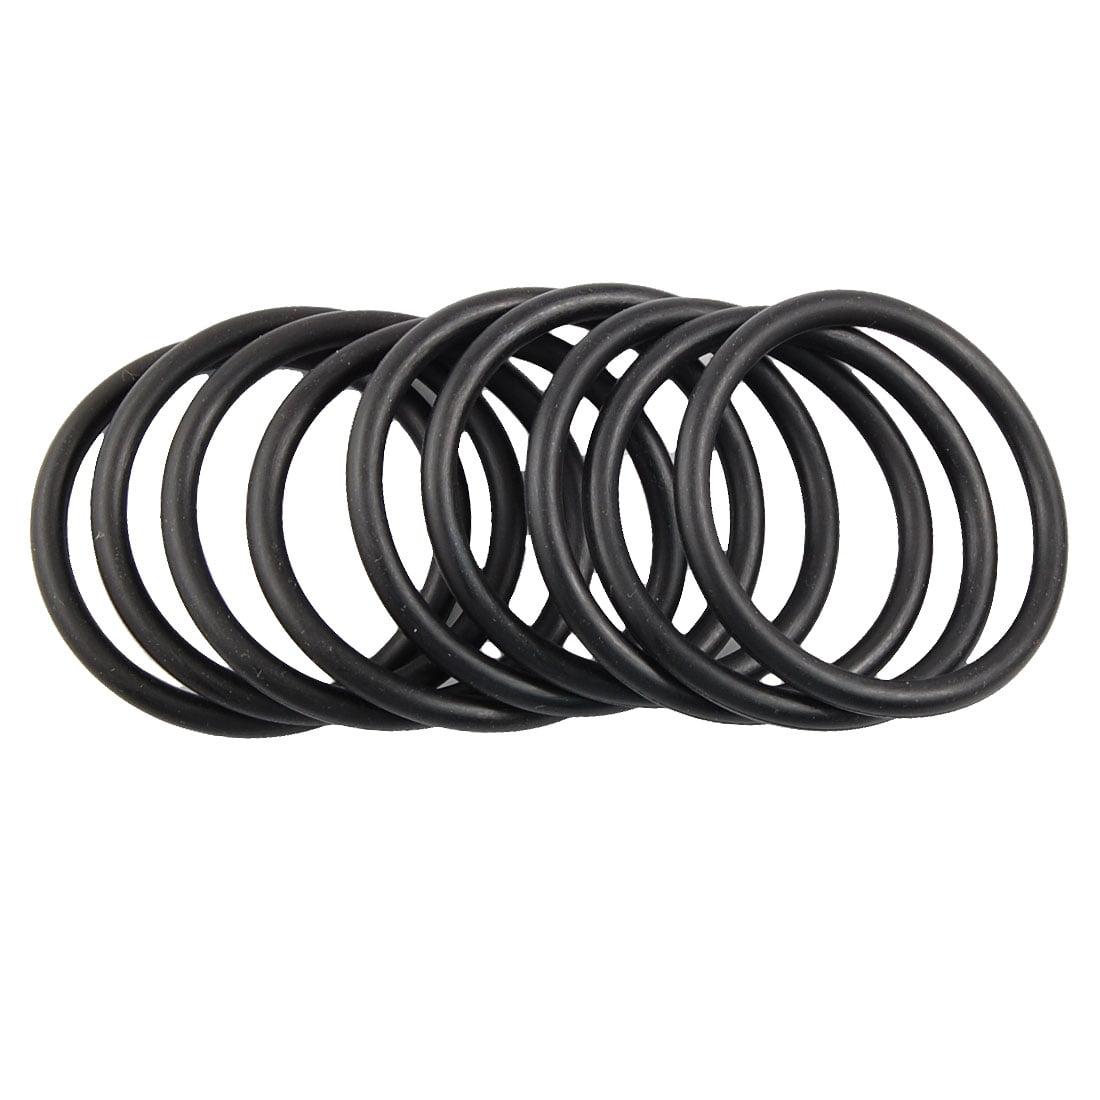 Unique Bargains 10 Pcs Black Nitrile Rubber O Ring Grommets Seal 40mm x 48mm x 4mm